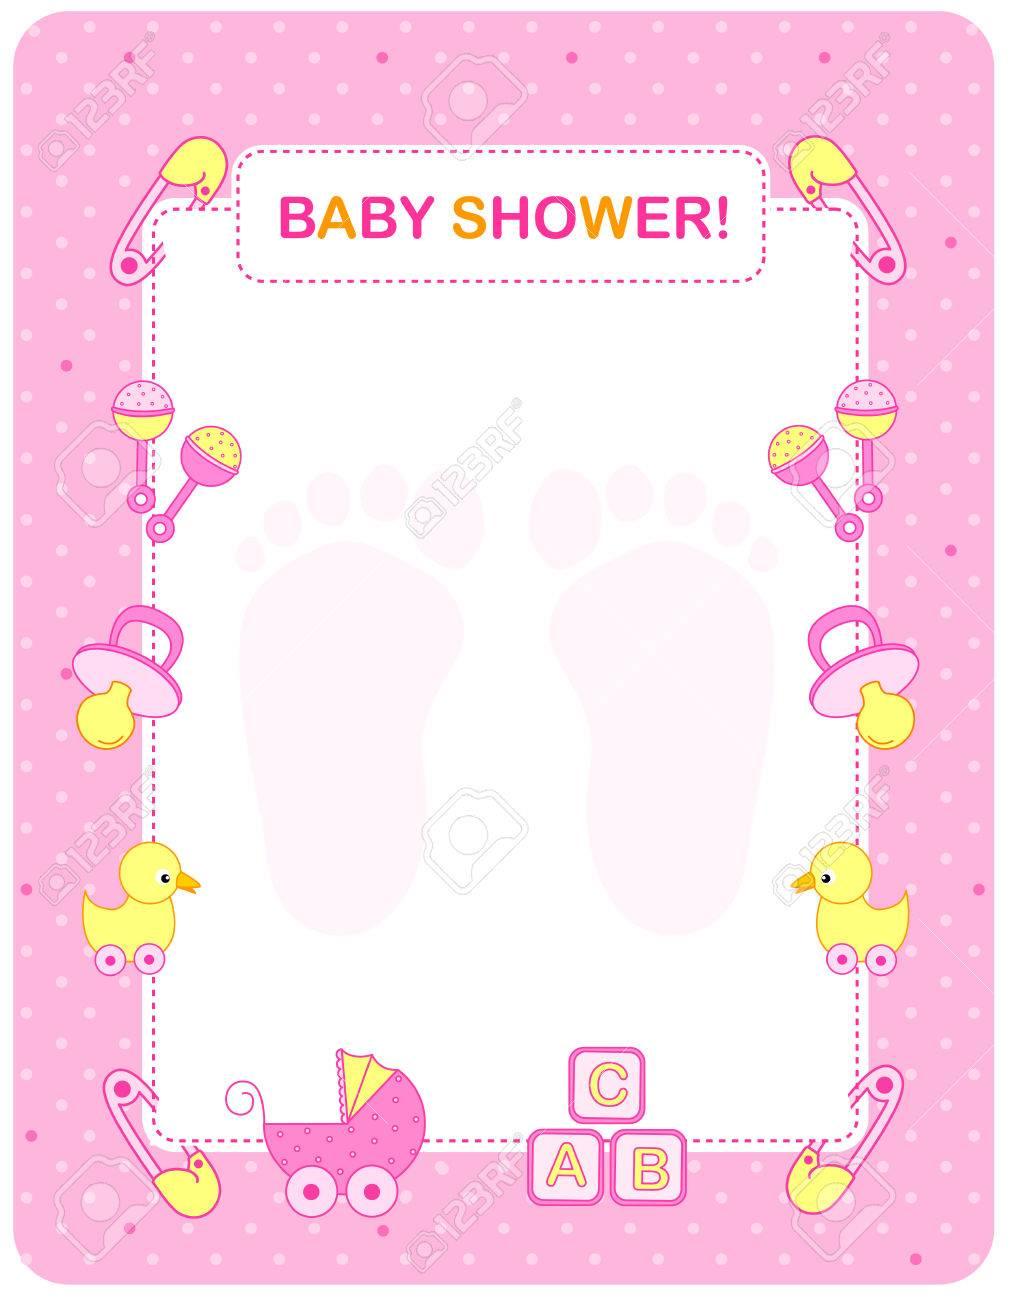 Pink Baby Shower Border : shower, border, Illustration, Shower, Invitation, Border, Frame.., Royalty, Cliparts,, Vectors,, Stock, Illustration., Image, 38541590.